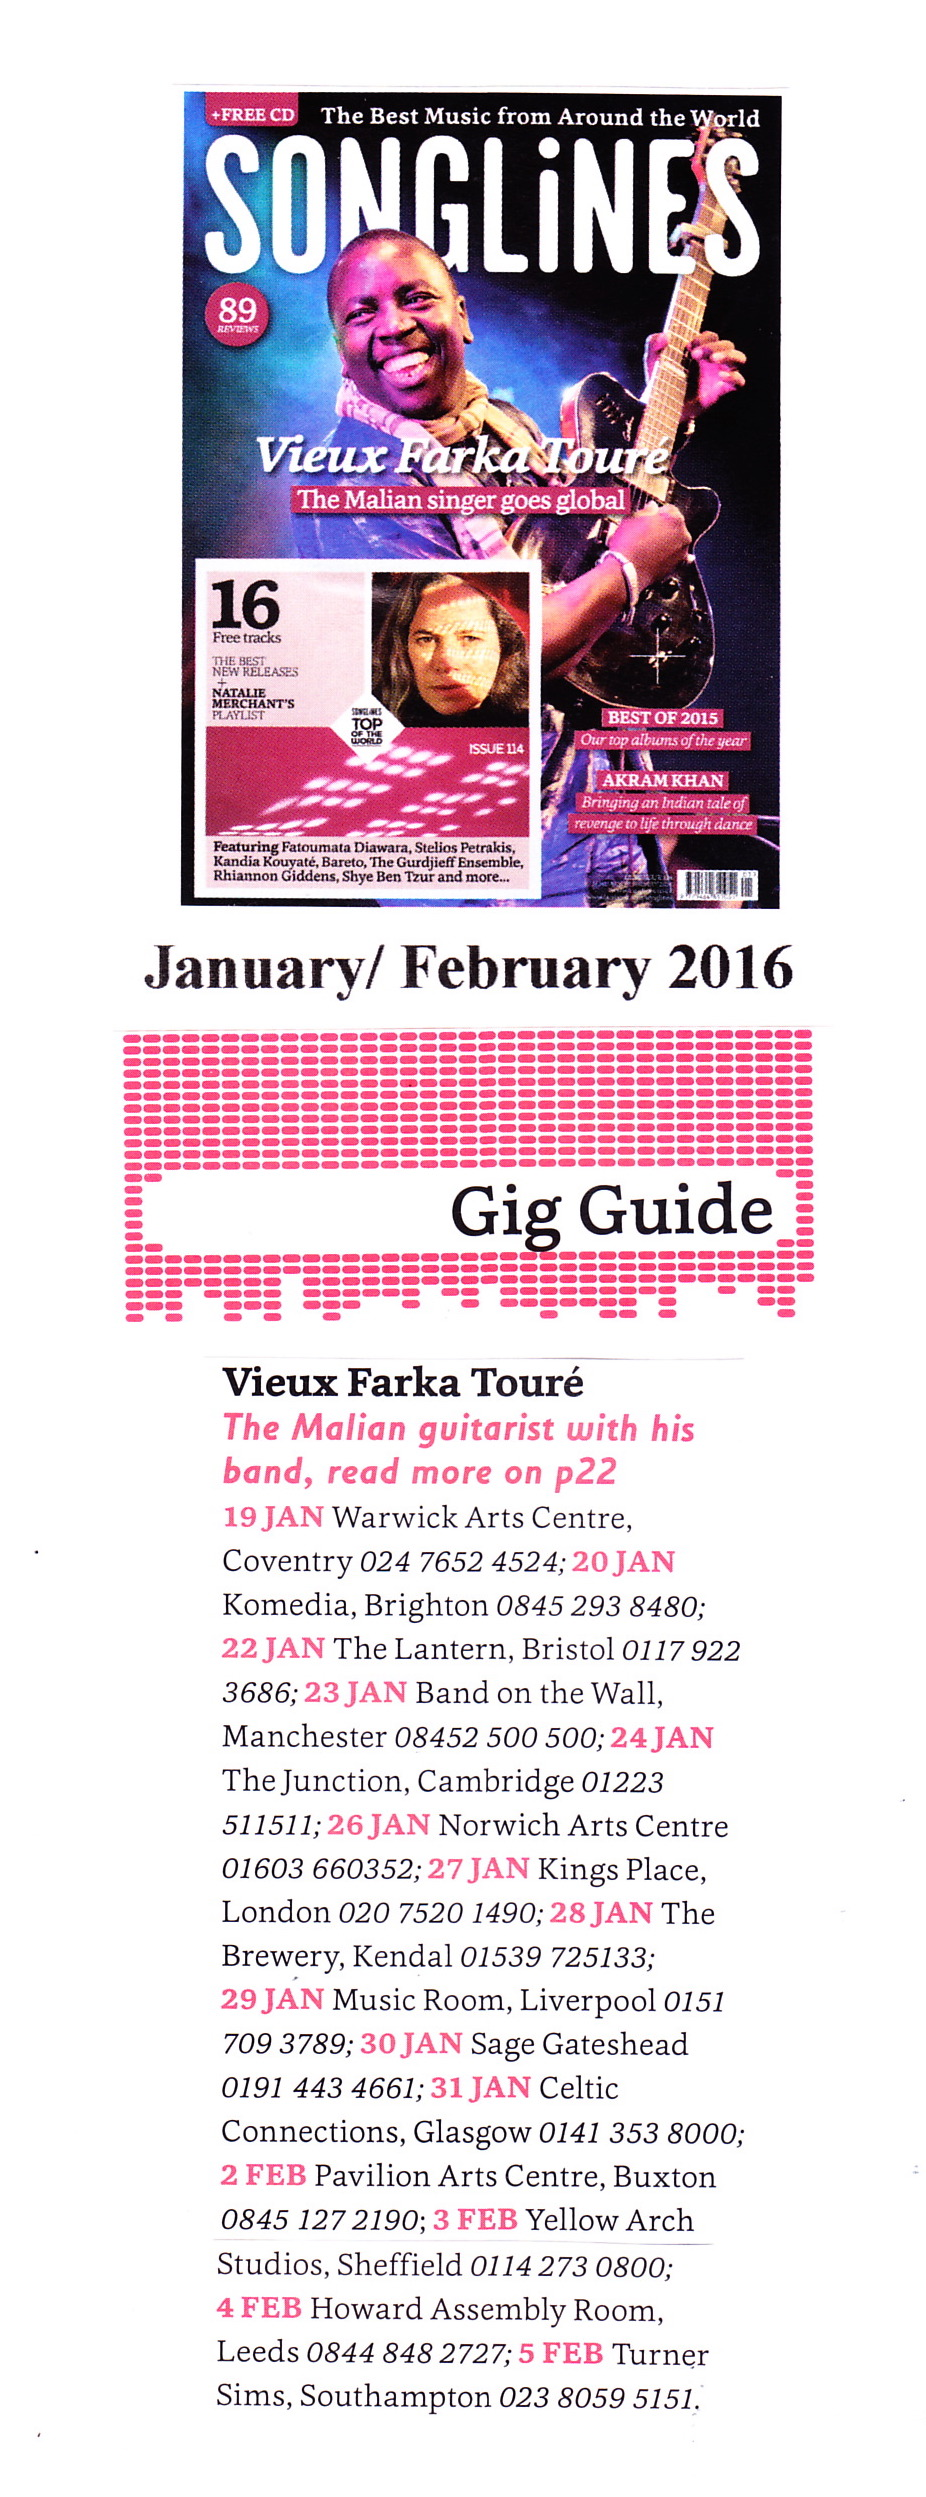 VFT2016tourlistings_Songlines.jpg